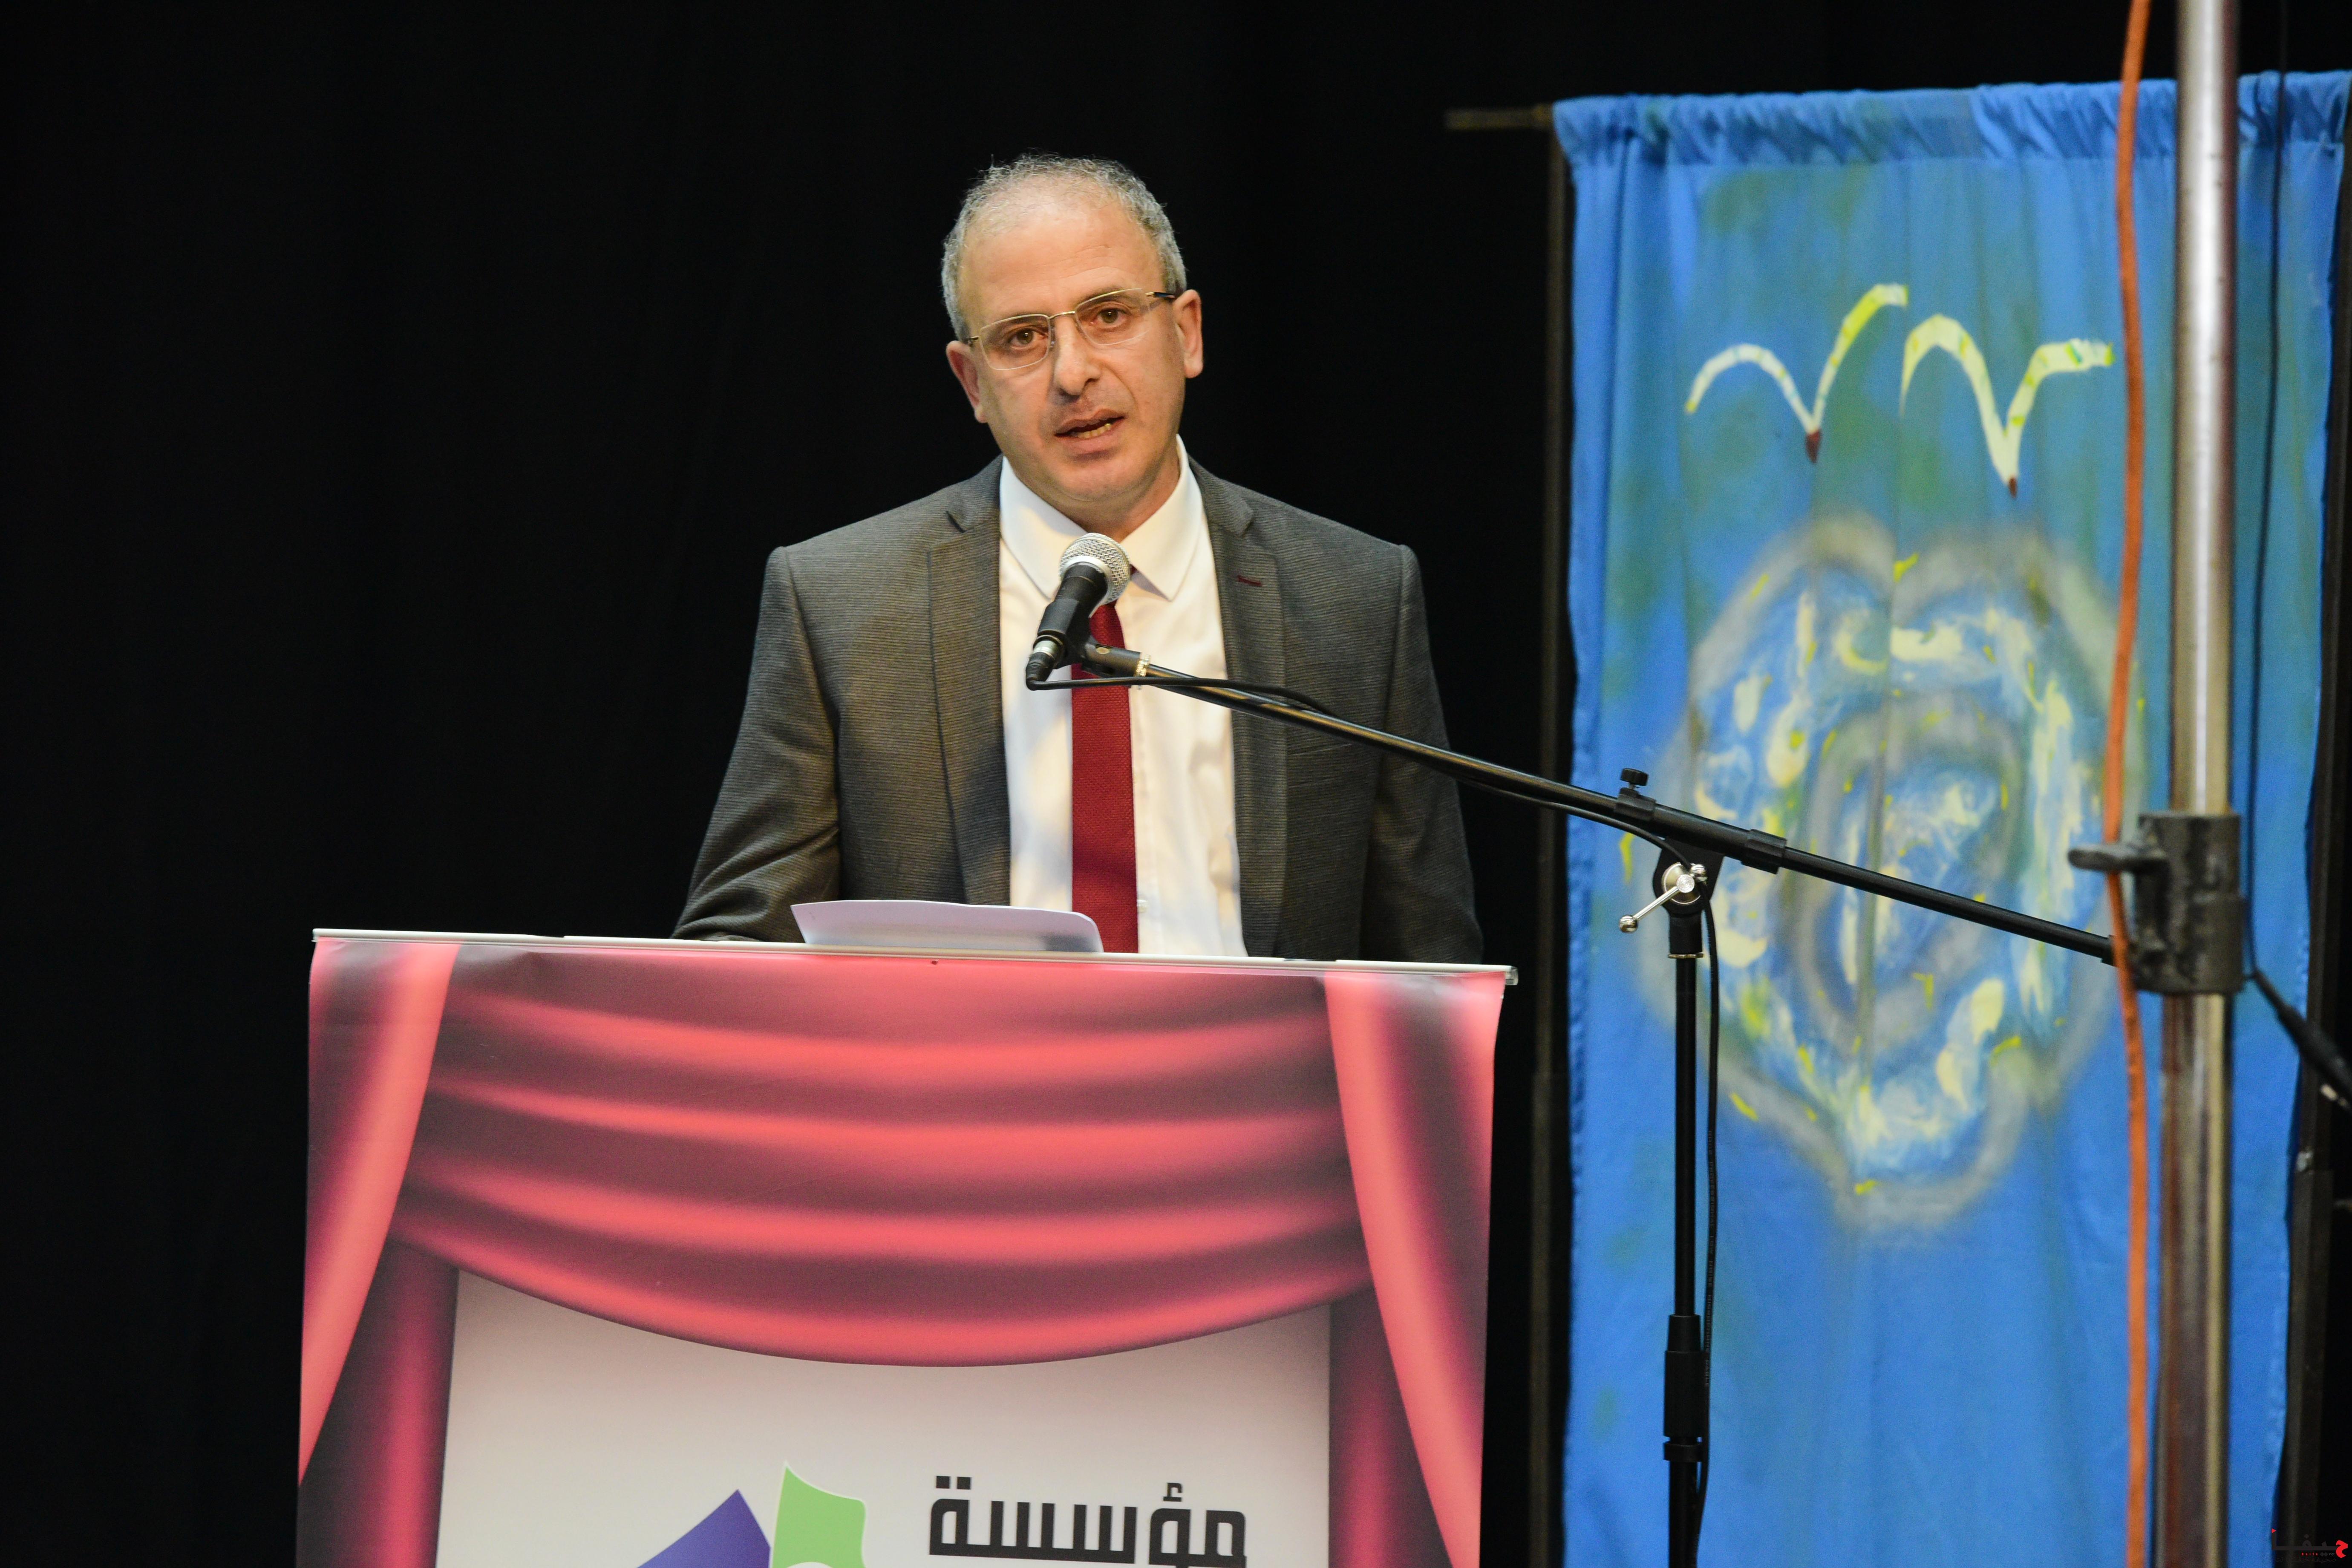 عفيف شليوط في حفل افتتاح مركز الأفق في شفاعمرو